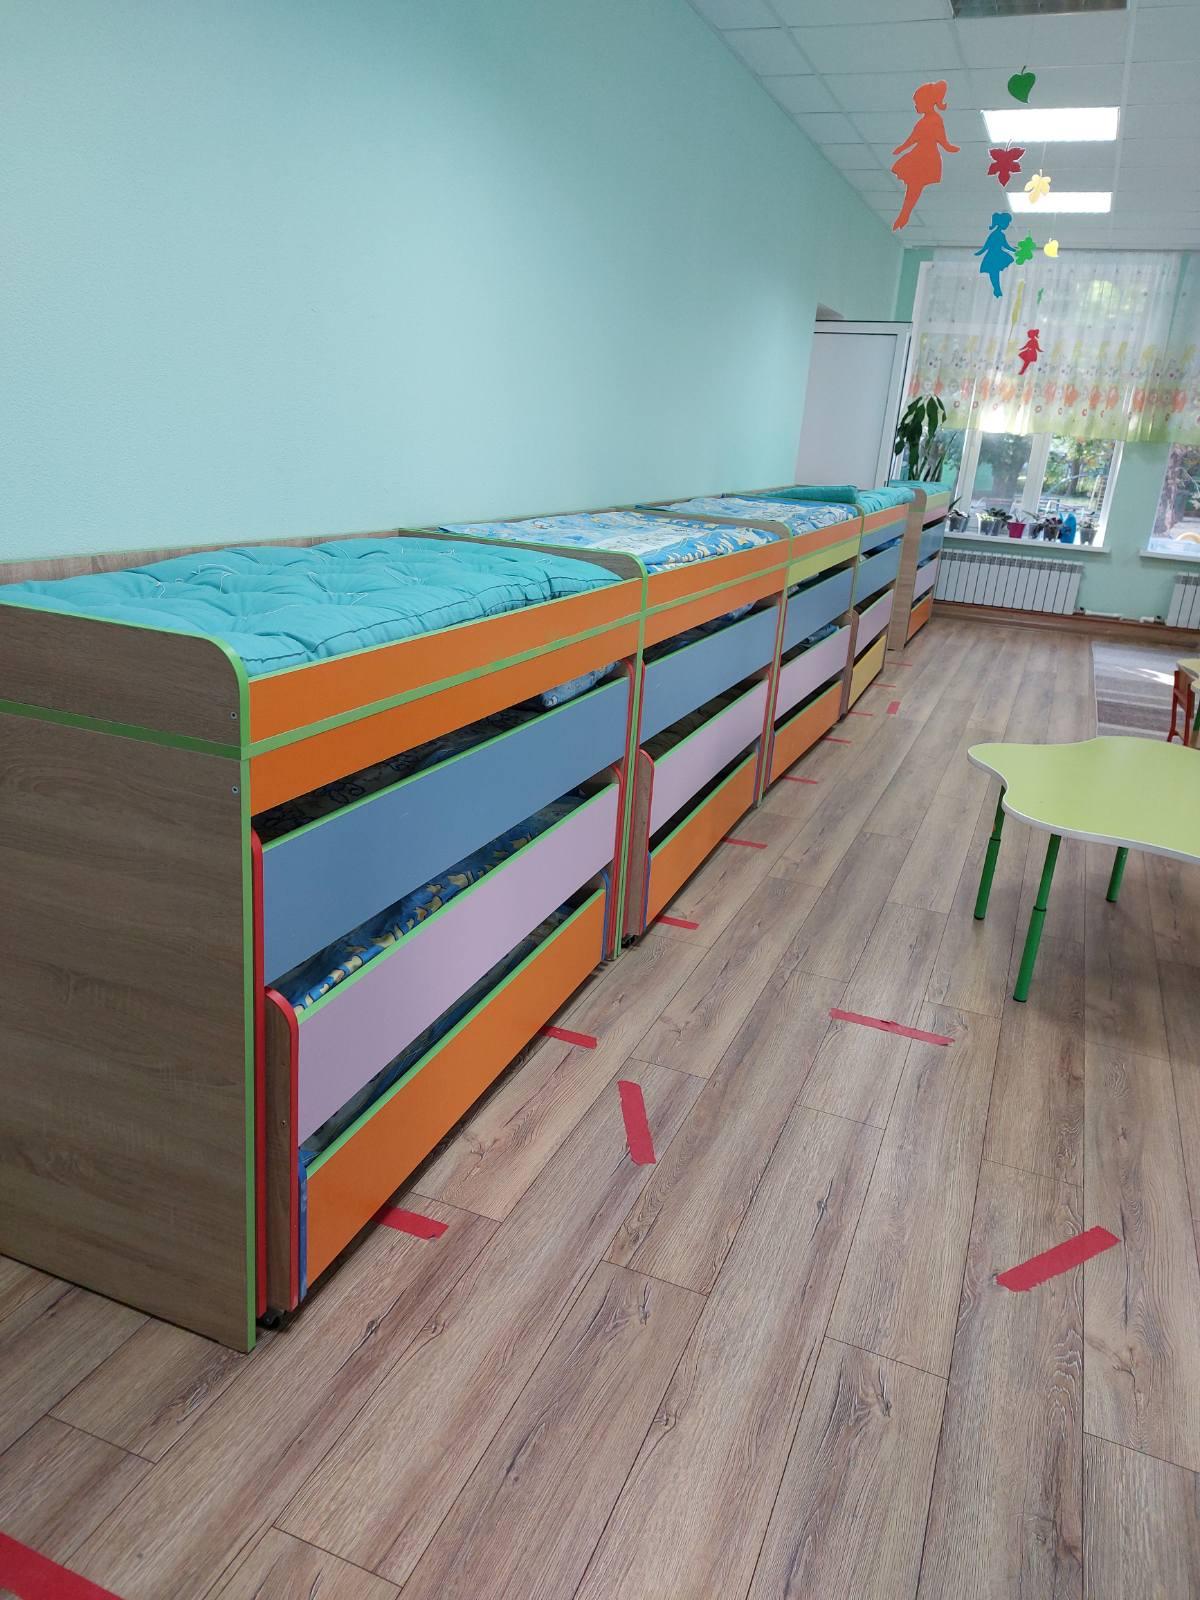 Instituția a fost asigurată de către DETS Botanica cu 8 paturi noi cu 4 nivele